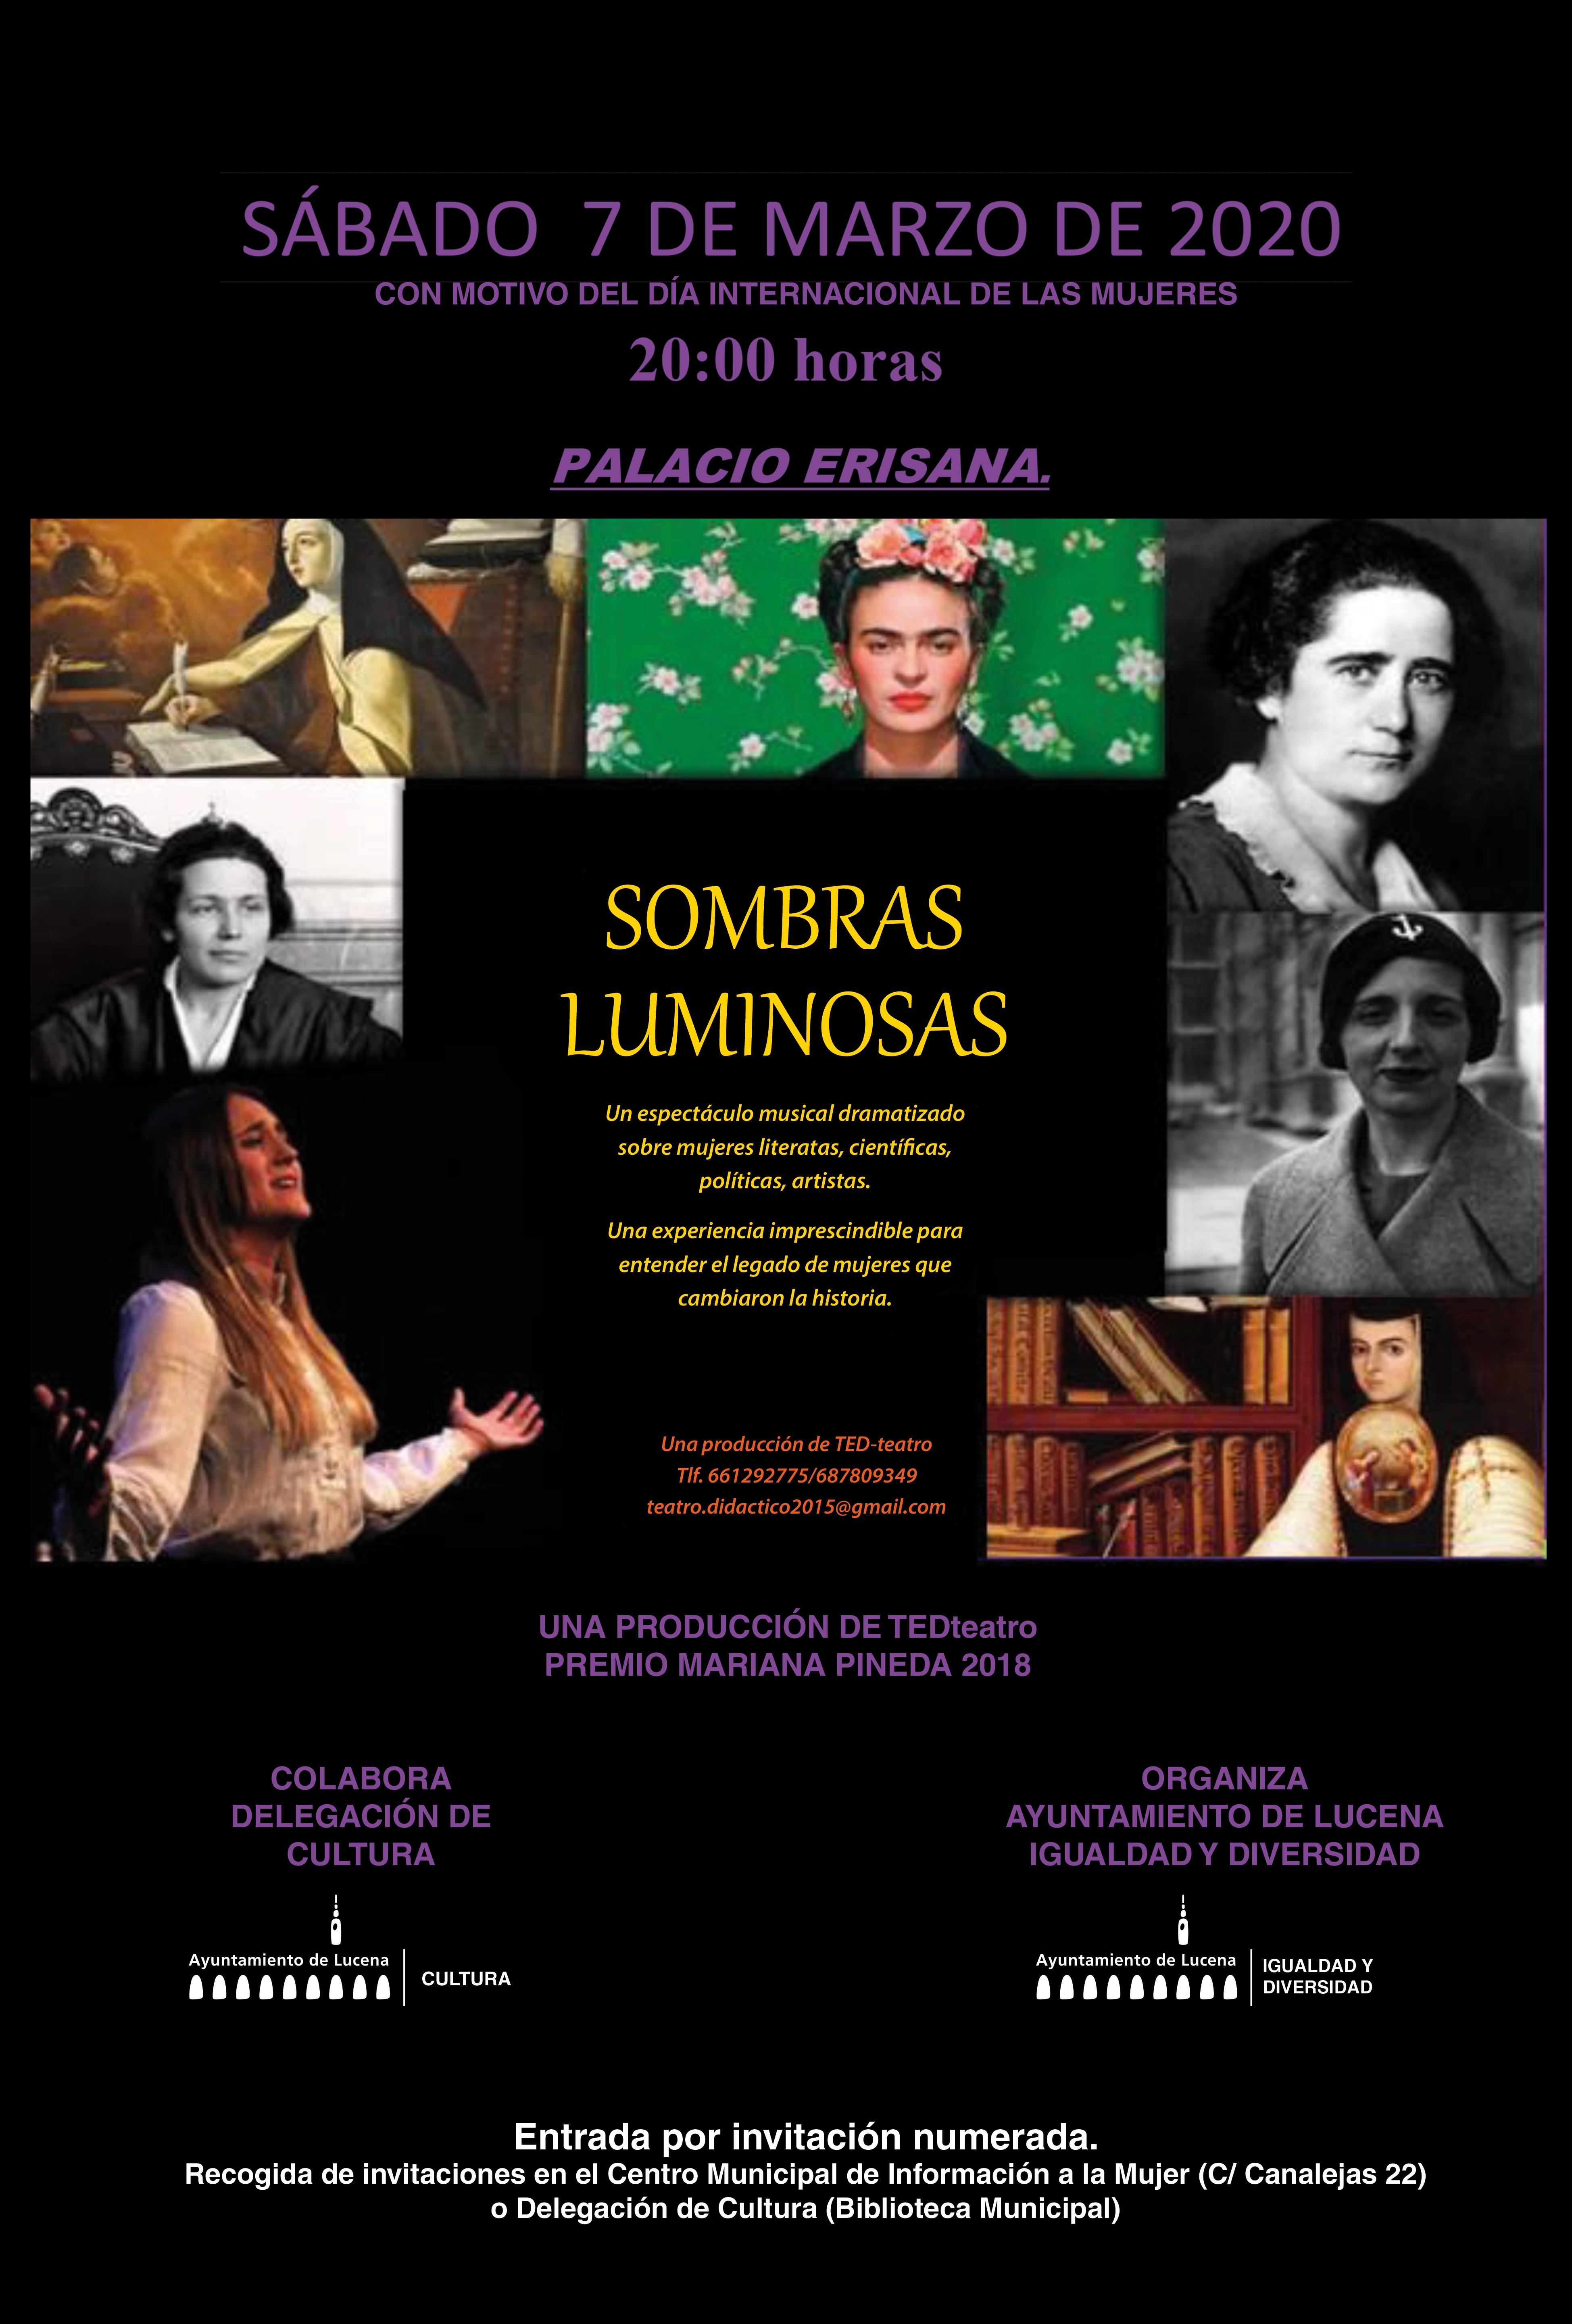 SOMBRAS LUMINOSAS @ Palacio Erisana